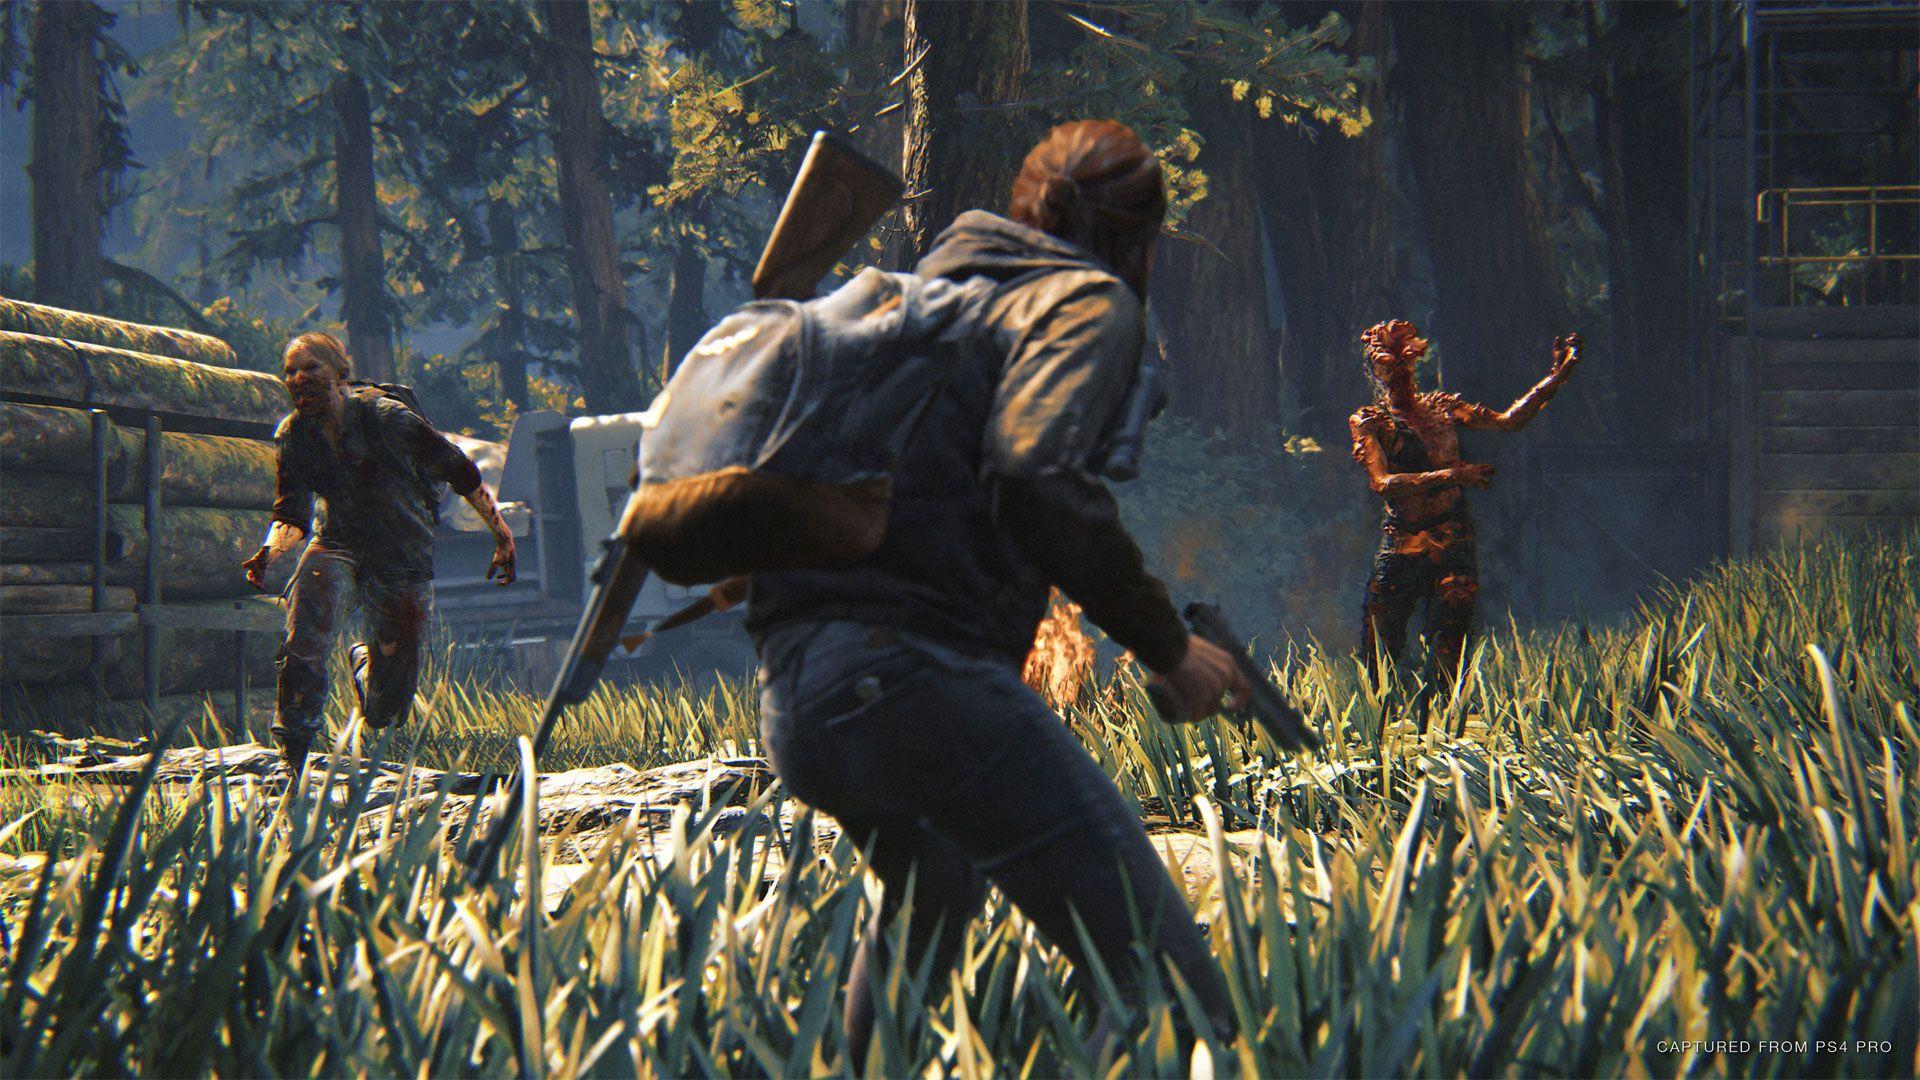 The Last of Us Parte 2 continua a história de Ellie alguns anos após o original, em um mundo mais violento (Reprodução: Naughty Dog)